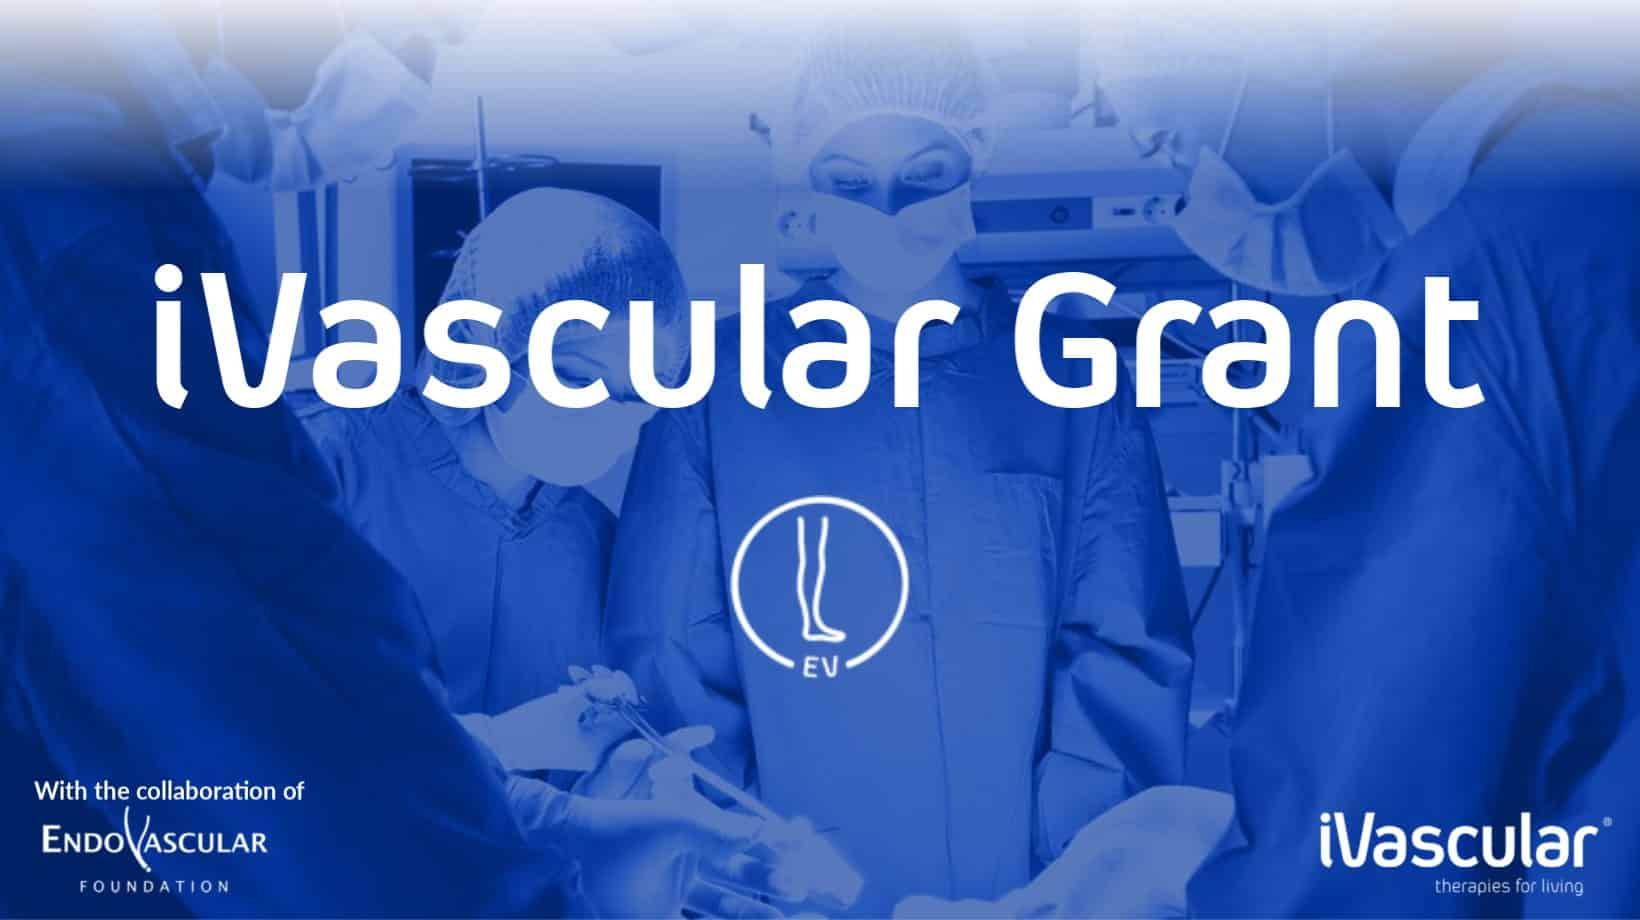 Ivascular Grant